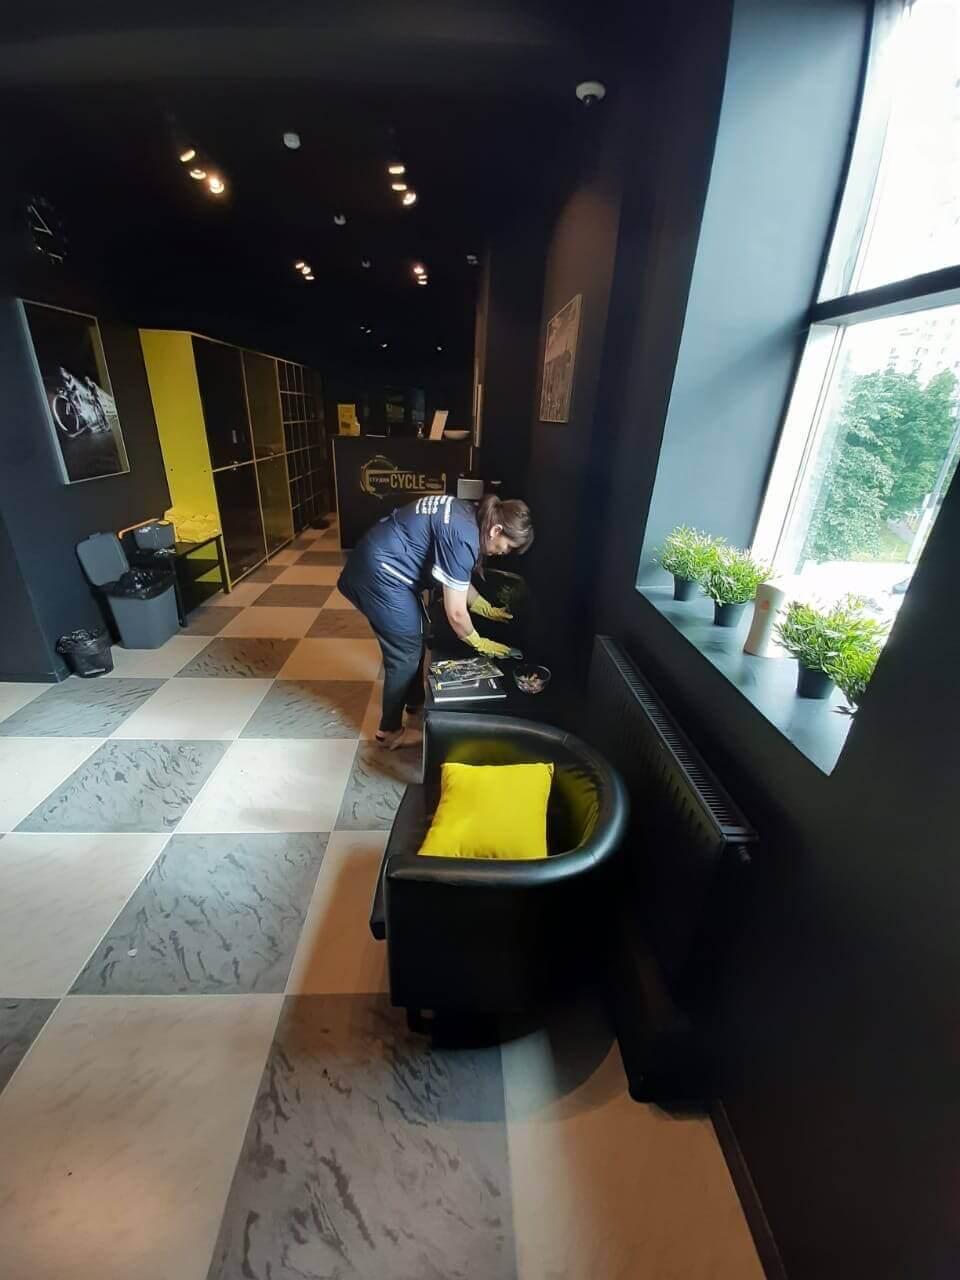 Женщина моет столешницу в общественном помещении